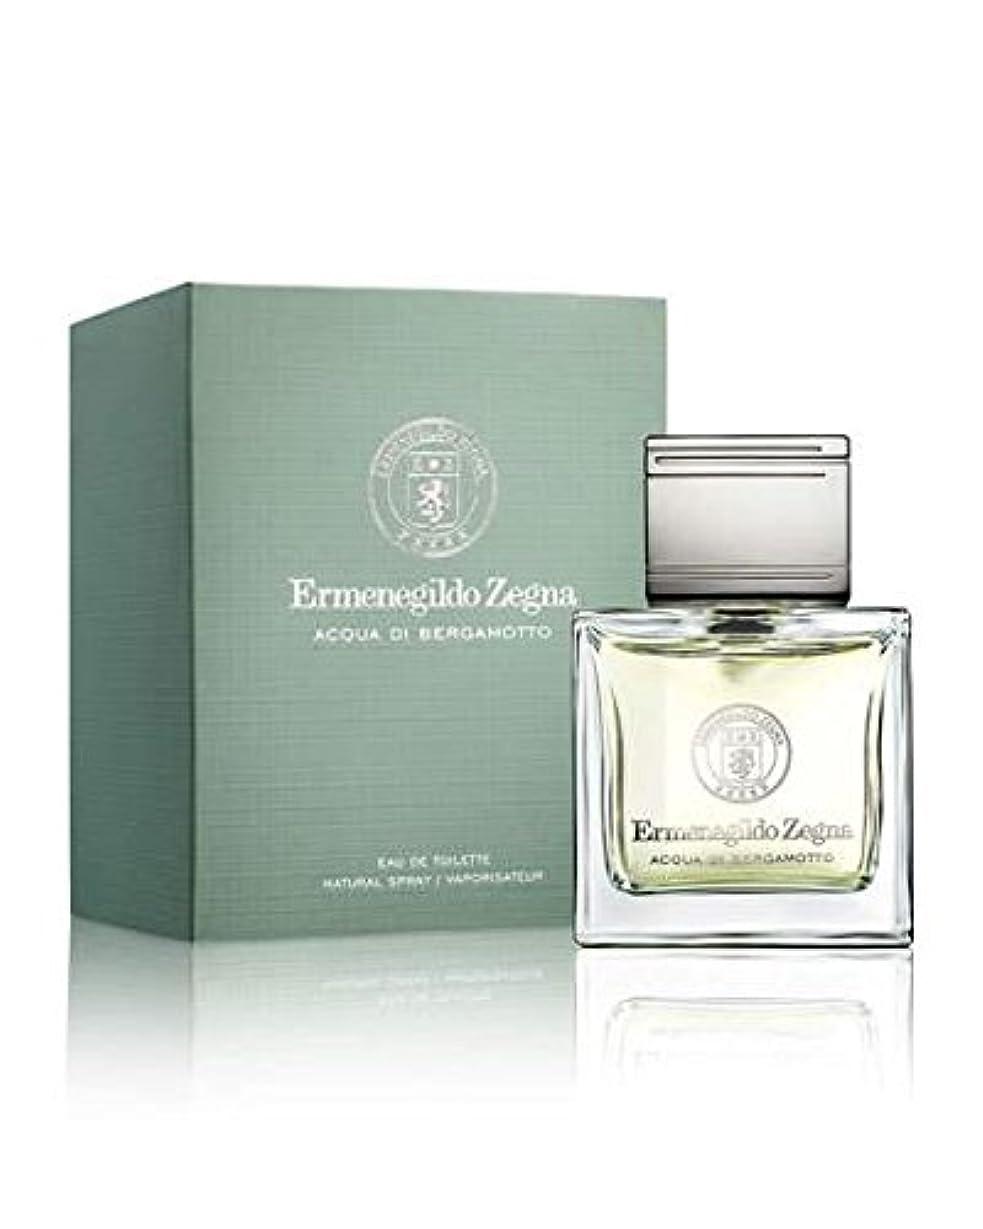 お香怖がらせる思い出すErmenegildo Zegna Acqua Di Bergamotto (エルメネジルド ゼニア アクア ディ ベルガモット) 1.7 oz (50ml) EDT Spray for Men